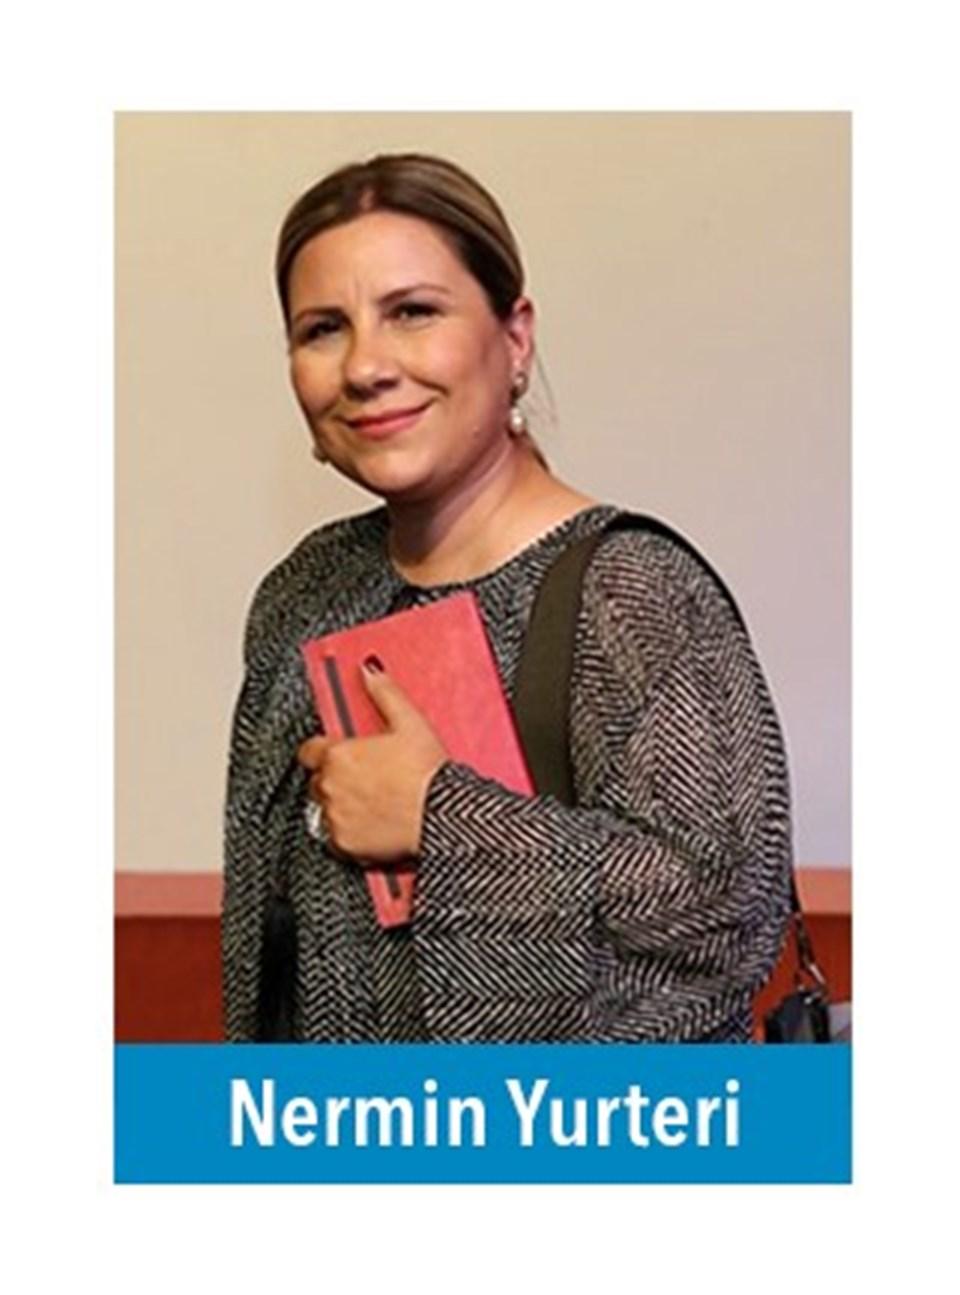 nermin.yurteri@ntv.com.tr